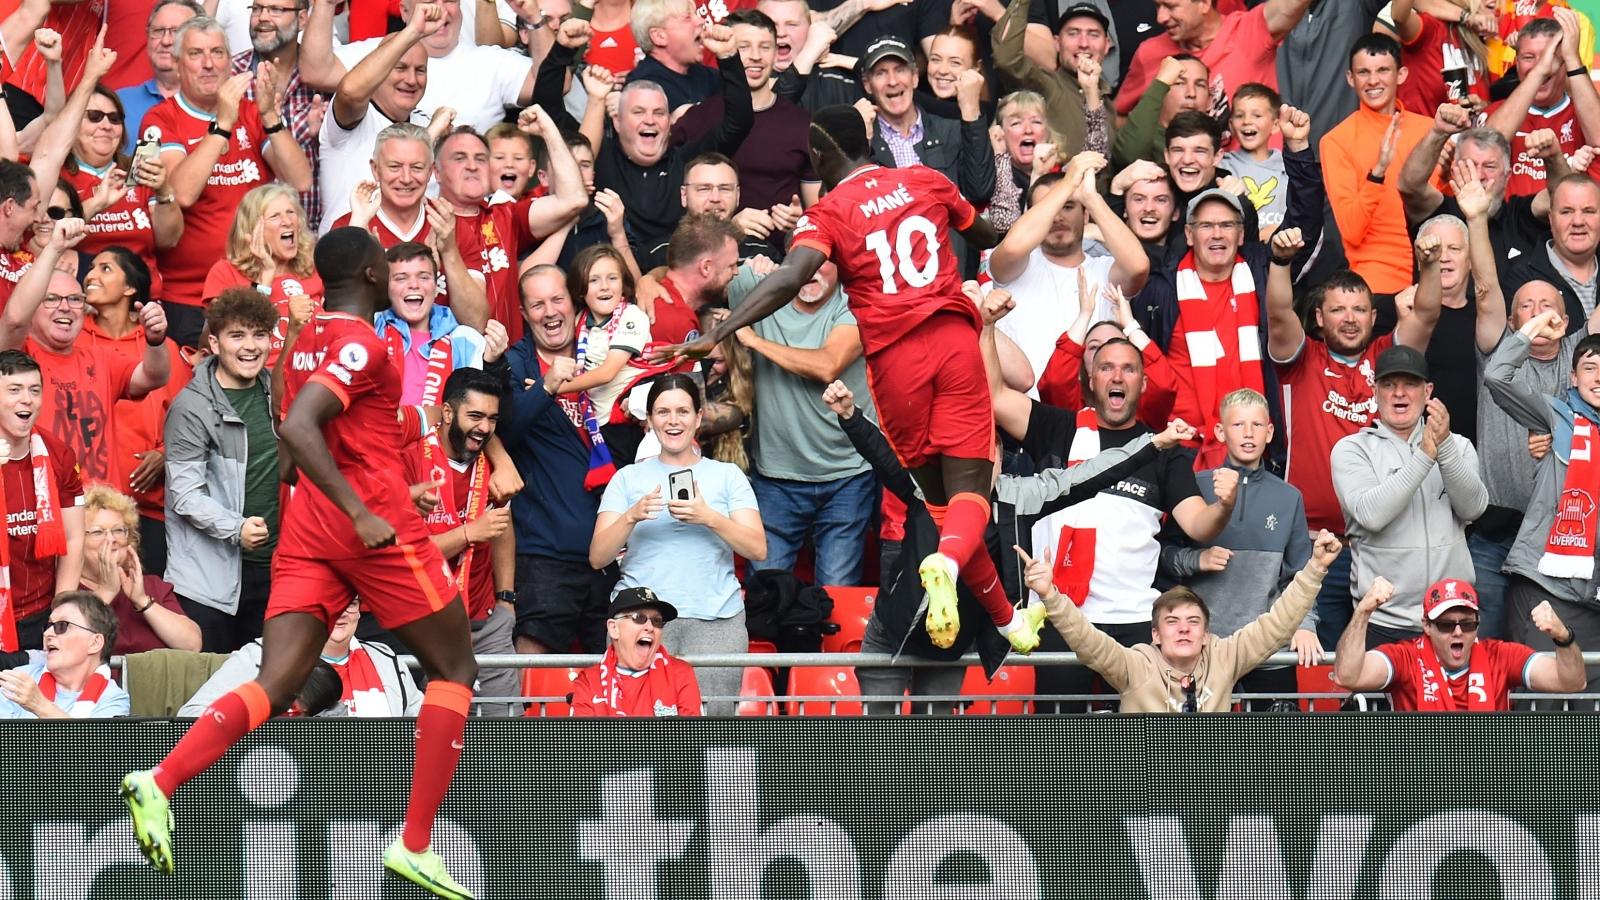 TRỰC TIẾP bóng đá Liverpool 1 - 0 Crystal Palace: Mane mở tỷ số